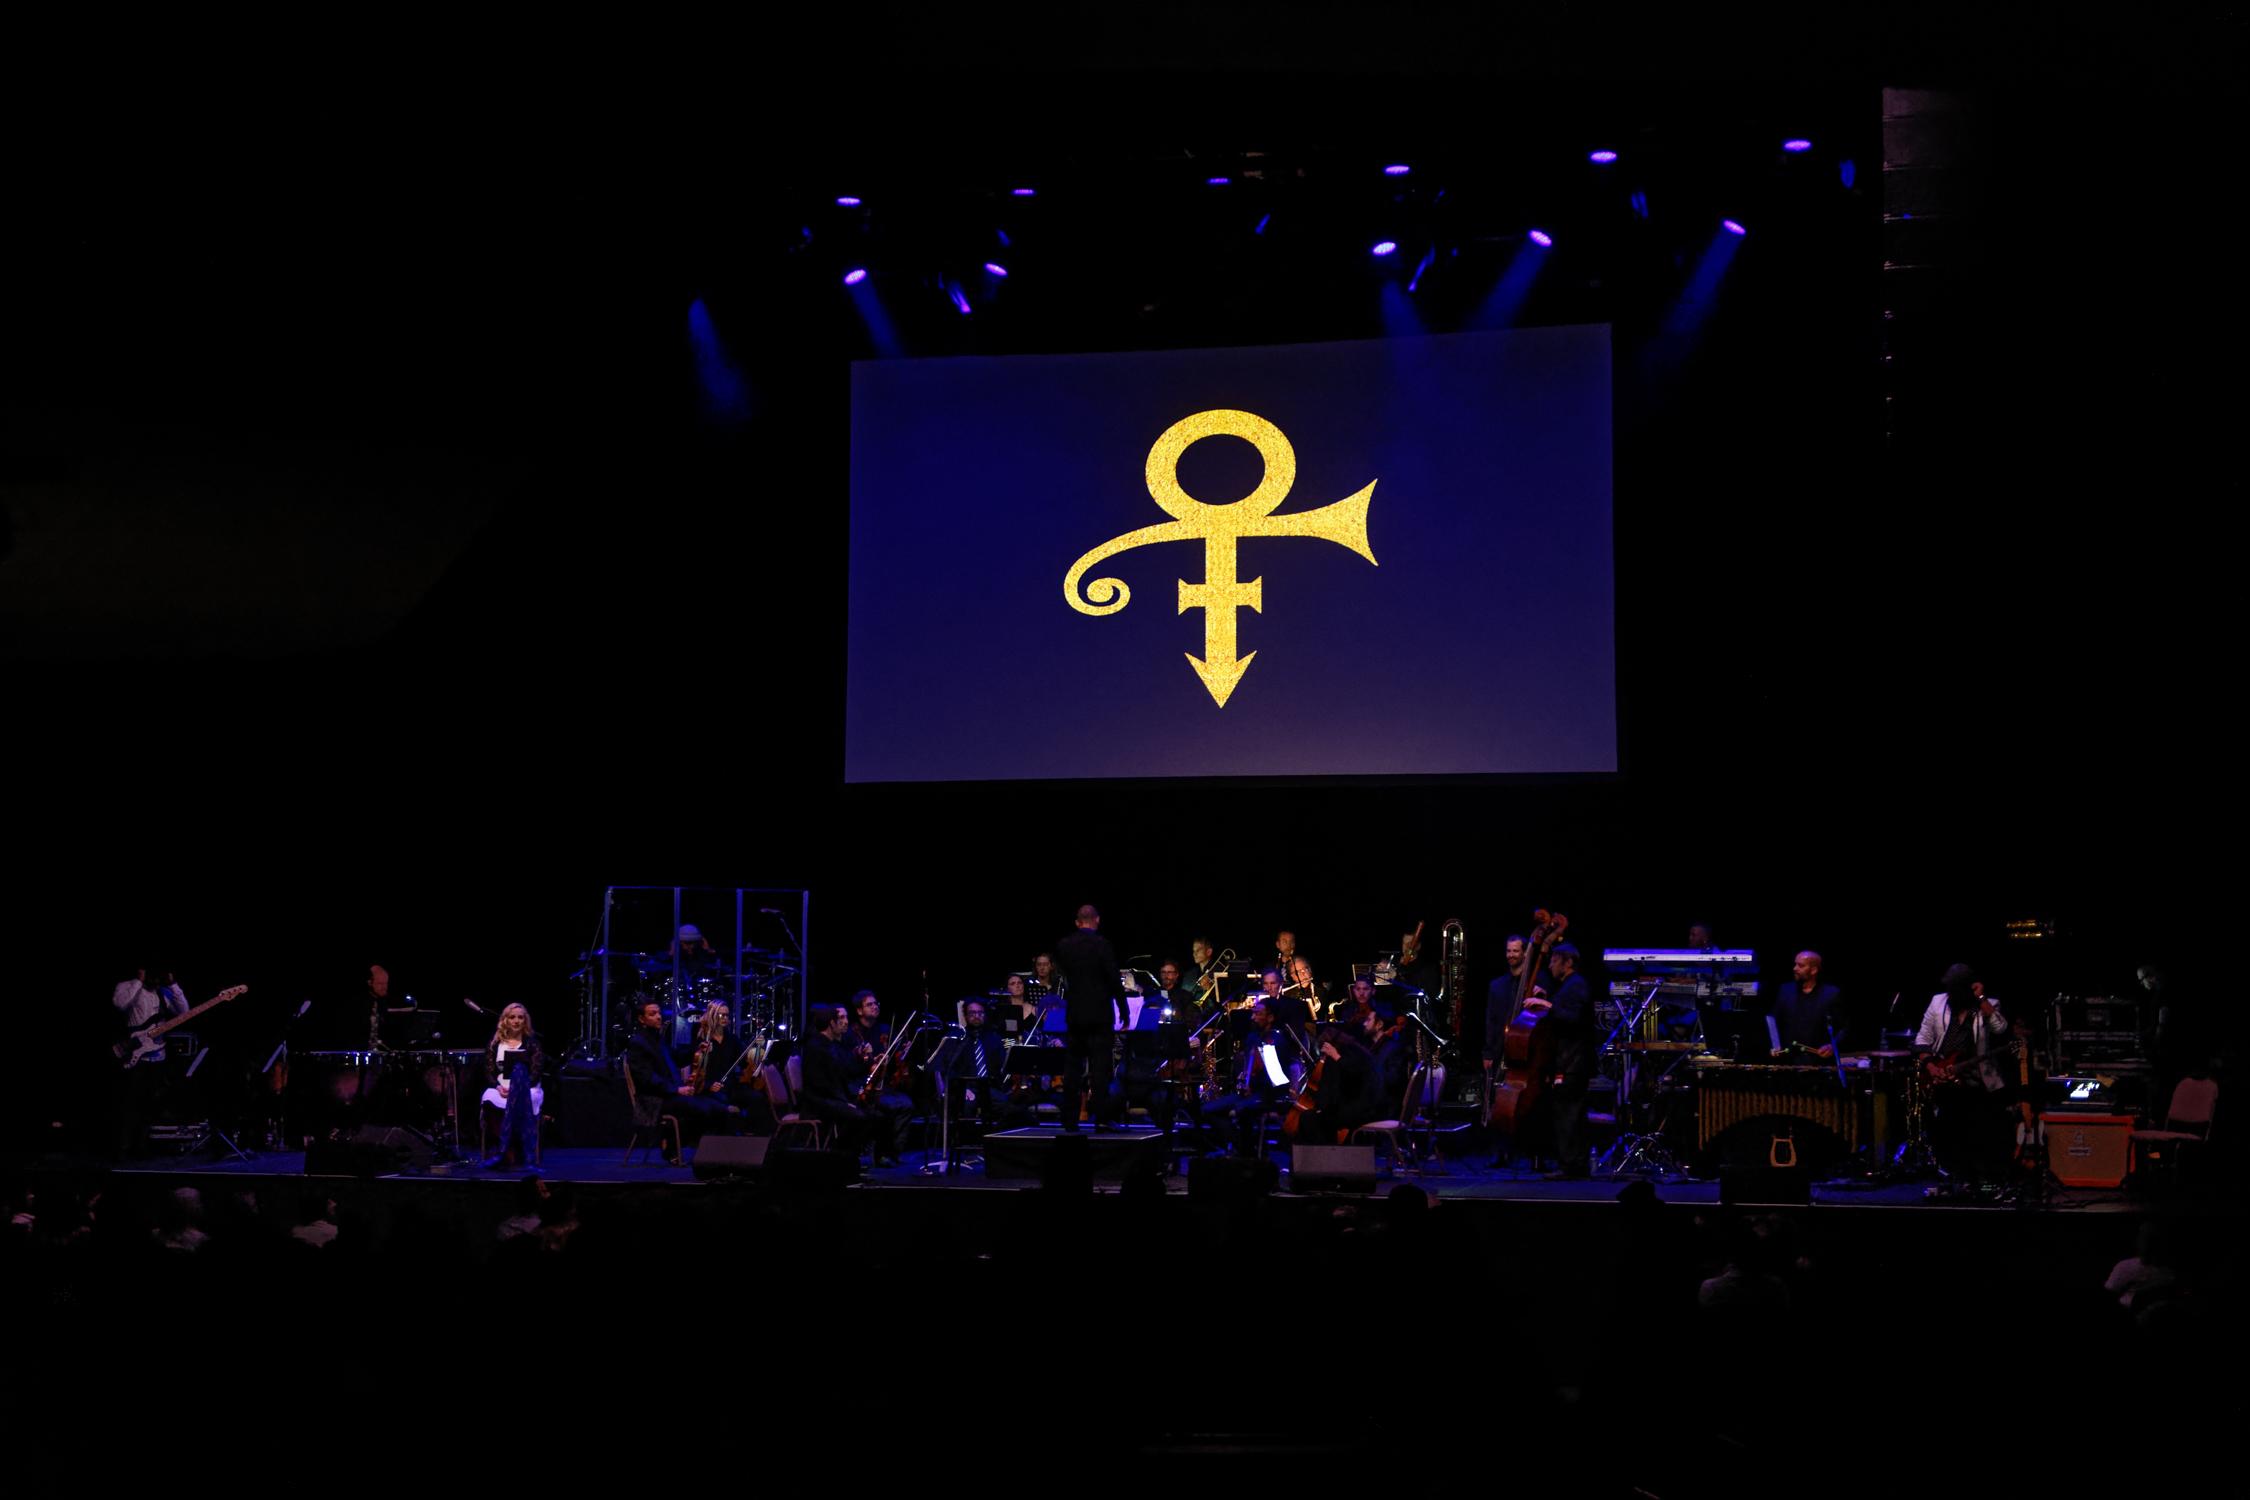 20190514 01 4U A Symphonic Celebration of Prince.jpg